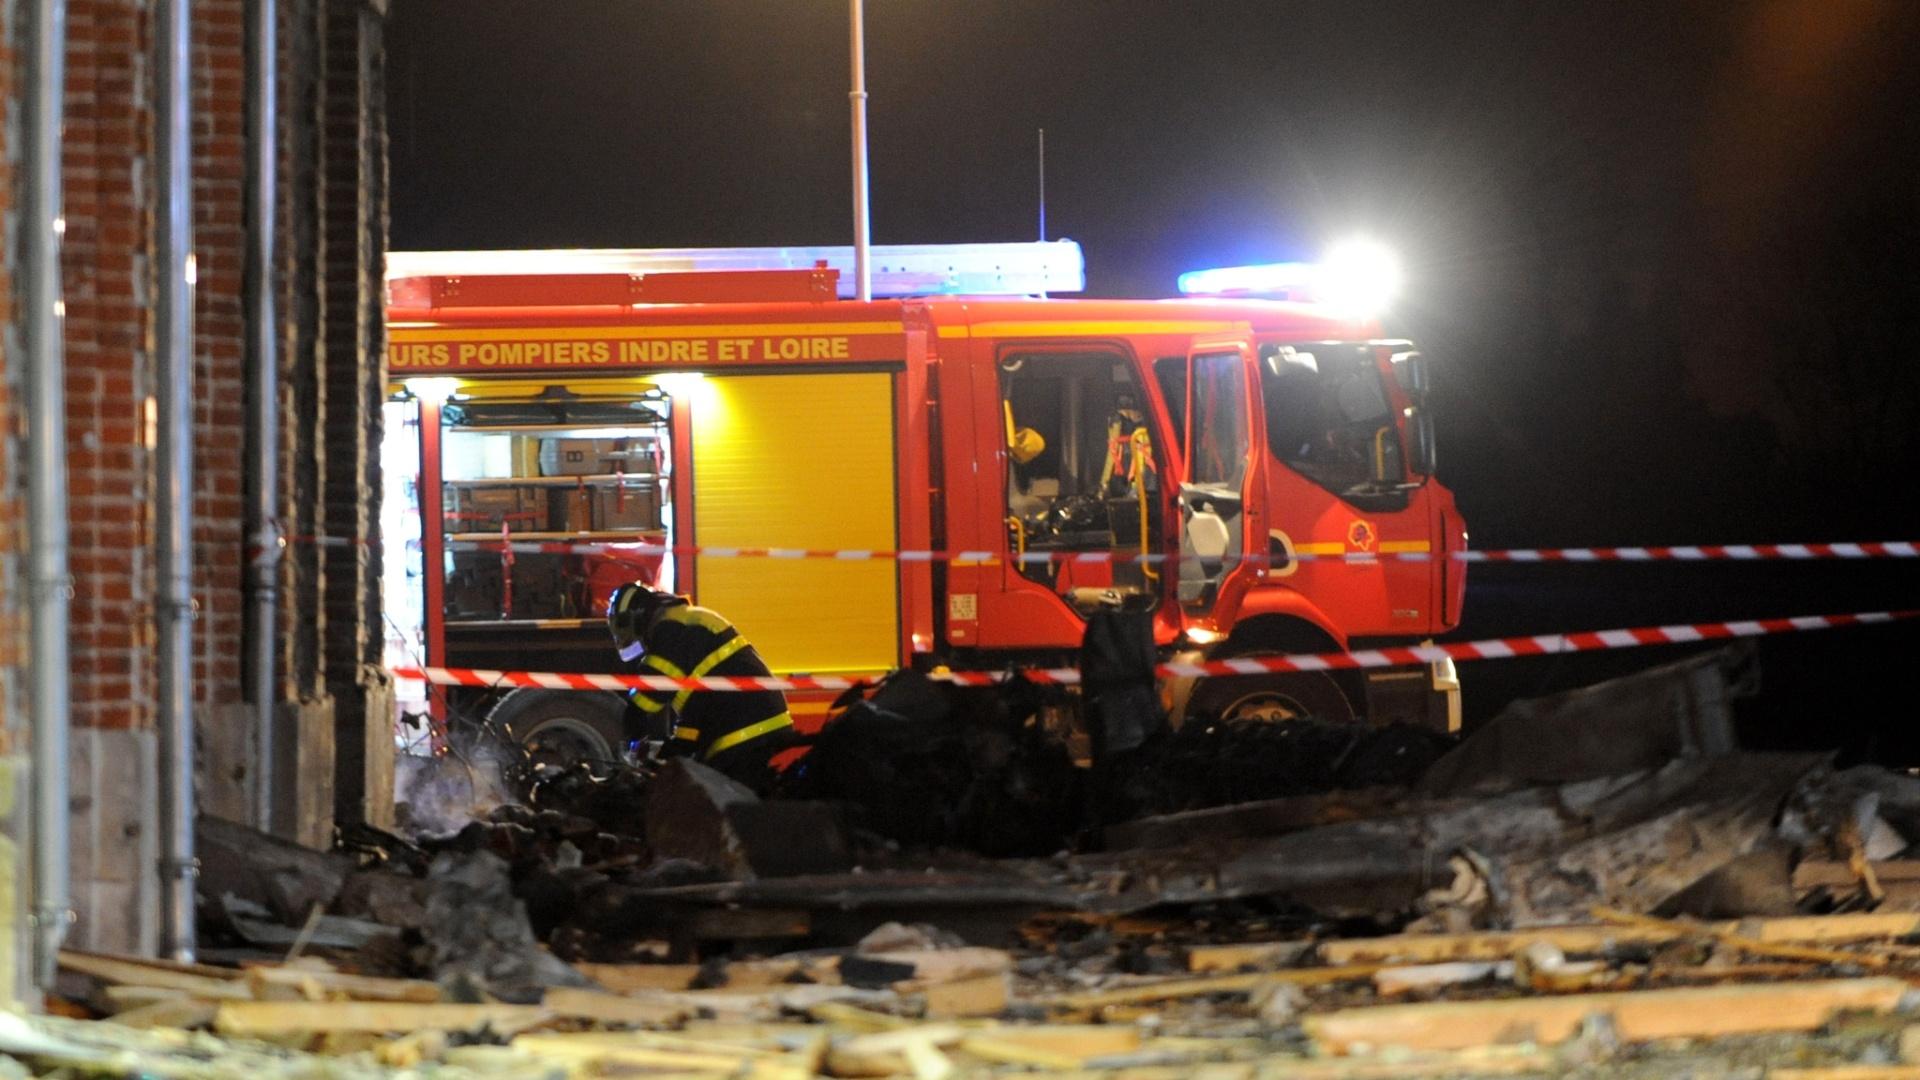 10.dez.2014 - Um avião militar Alpha Jet caiu em Vouvray, no centro da França, em um centro de ADAPEI (Associação Departamental de Parentes e Amigos de Pessoas com Deficiência Mental), nesta quarta-feira (10). O acidente matou uma pessoa e feriu cinco moradores da instituição